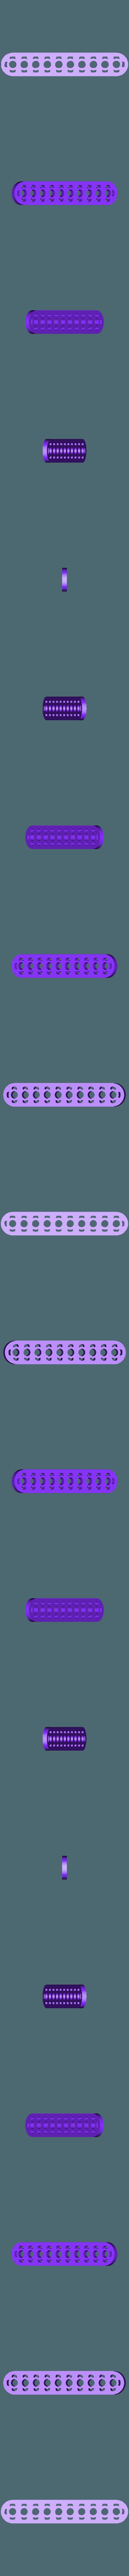 strait_10.STL Télécharger fichier STL gratuit MEGA Expansion 200+ Pièces • Plan à imprimer en 3D, Pwentey